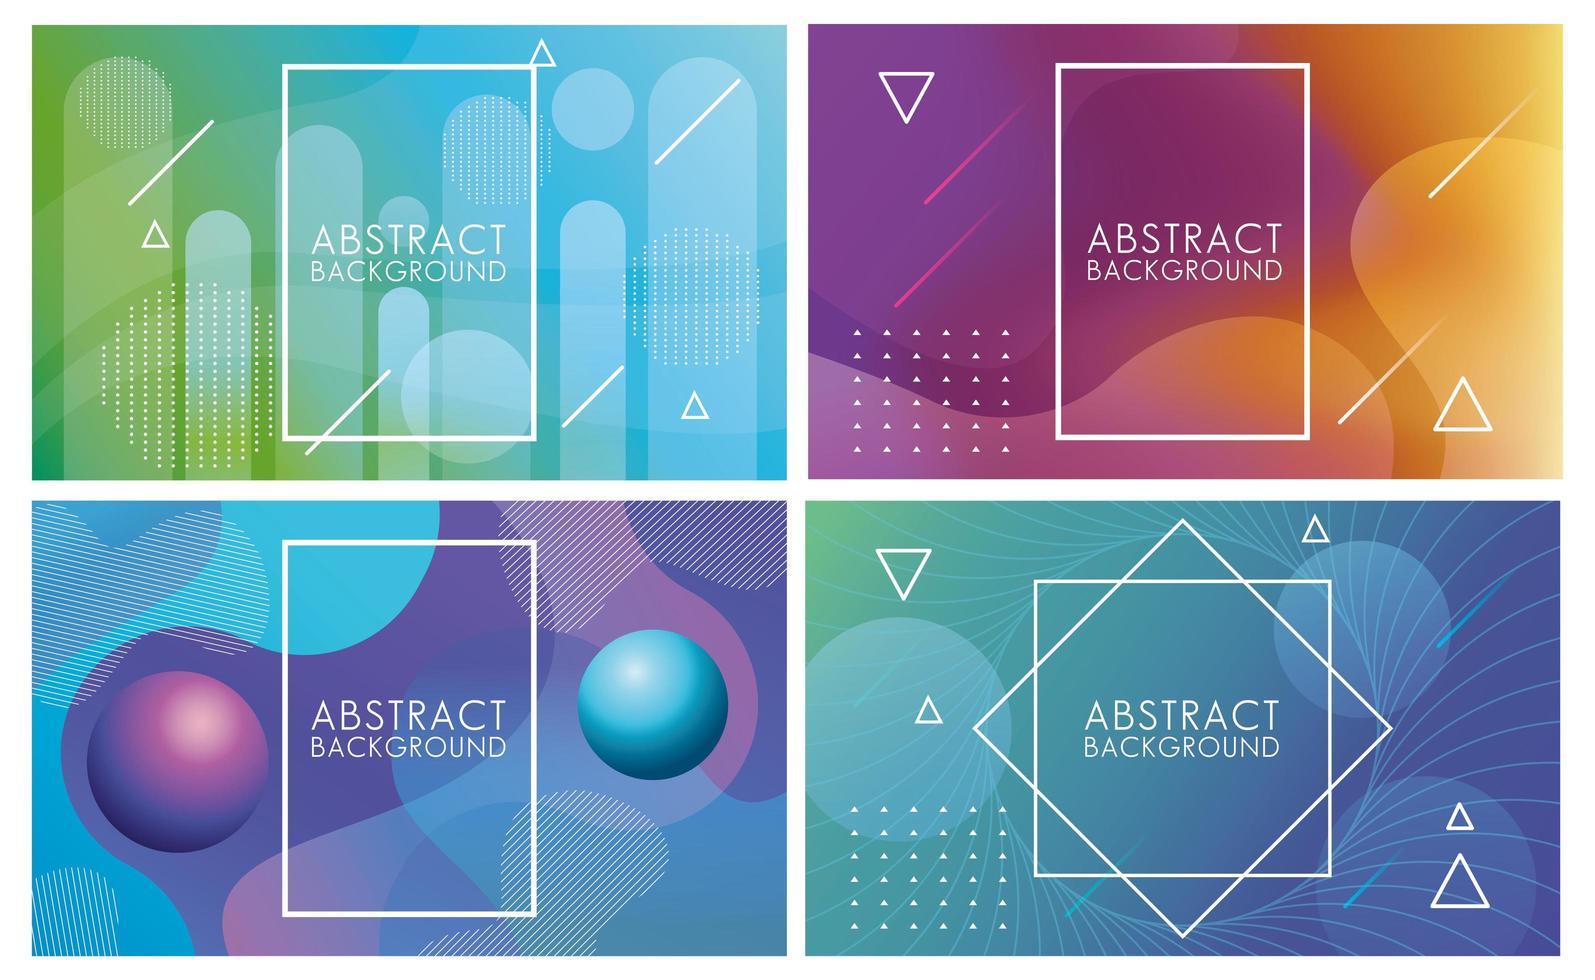 Flüssigkeitssatz abstrakter Hintergründe in verschiedenen Farben vektor